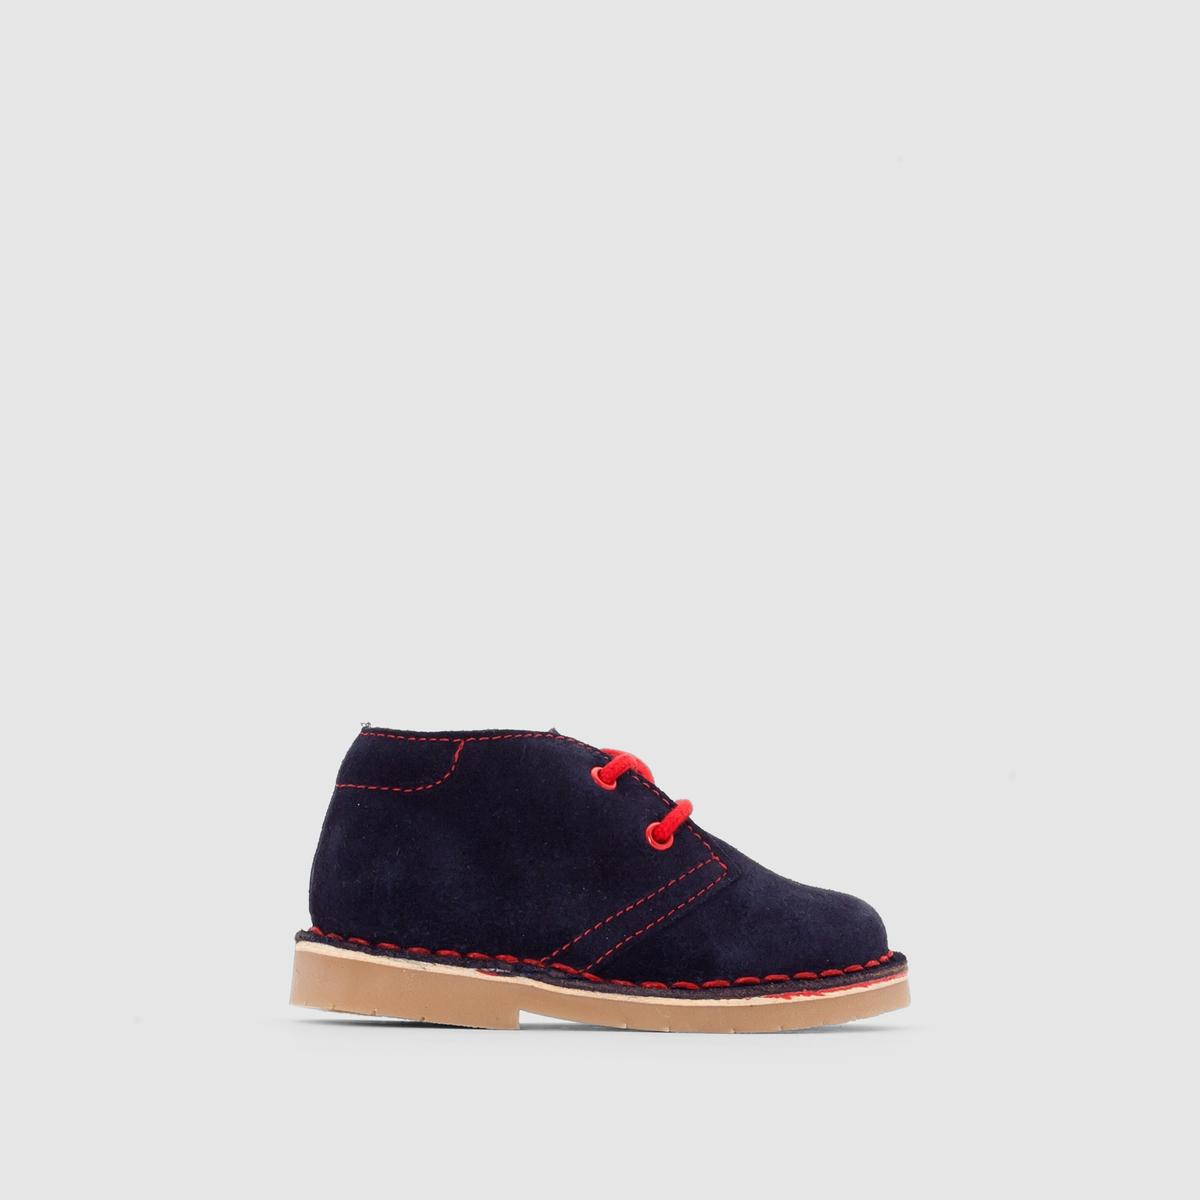 Ботинки из спилка на цветной шнуровкеКрасивая мягкая невыделанная кожа с яркими и сочными вставками: ботинки, созданные для выхода на прогулку, активных игр или просто спокойной размеренной ходьбы!<br><br>Цвет: темно-синий + красный<br>Размер: 23.21.20